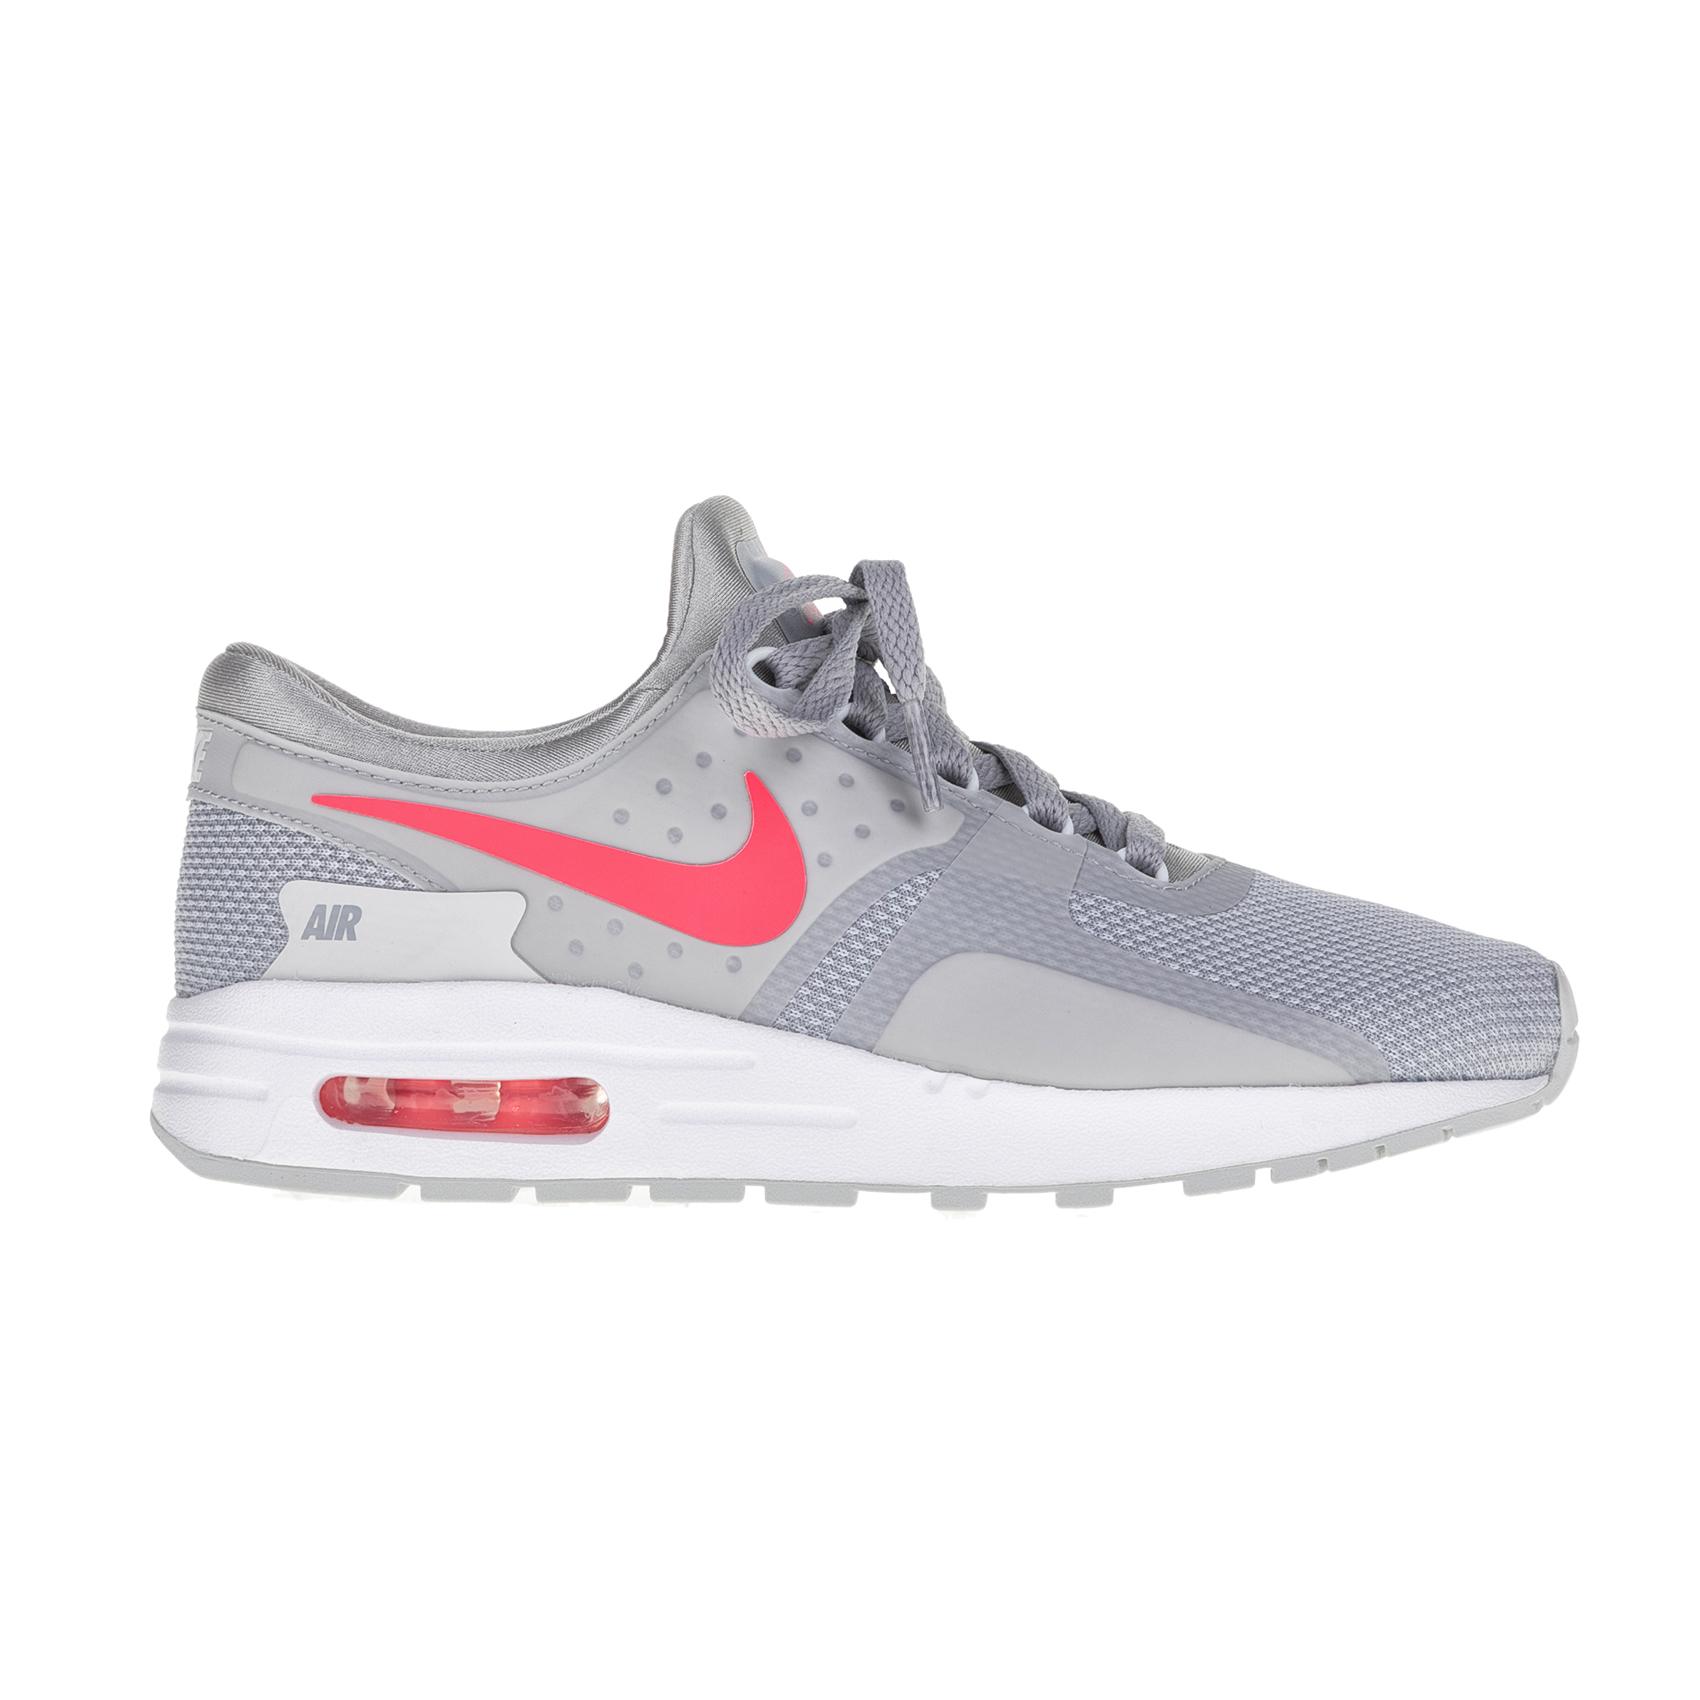 0c2af5bf367 NIKE - Παιδικά αθλητικά παπούτσια Nike AIR MAX ZERO ESSENTIAL GS γκρι - ροζ